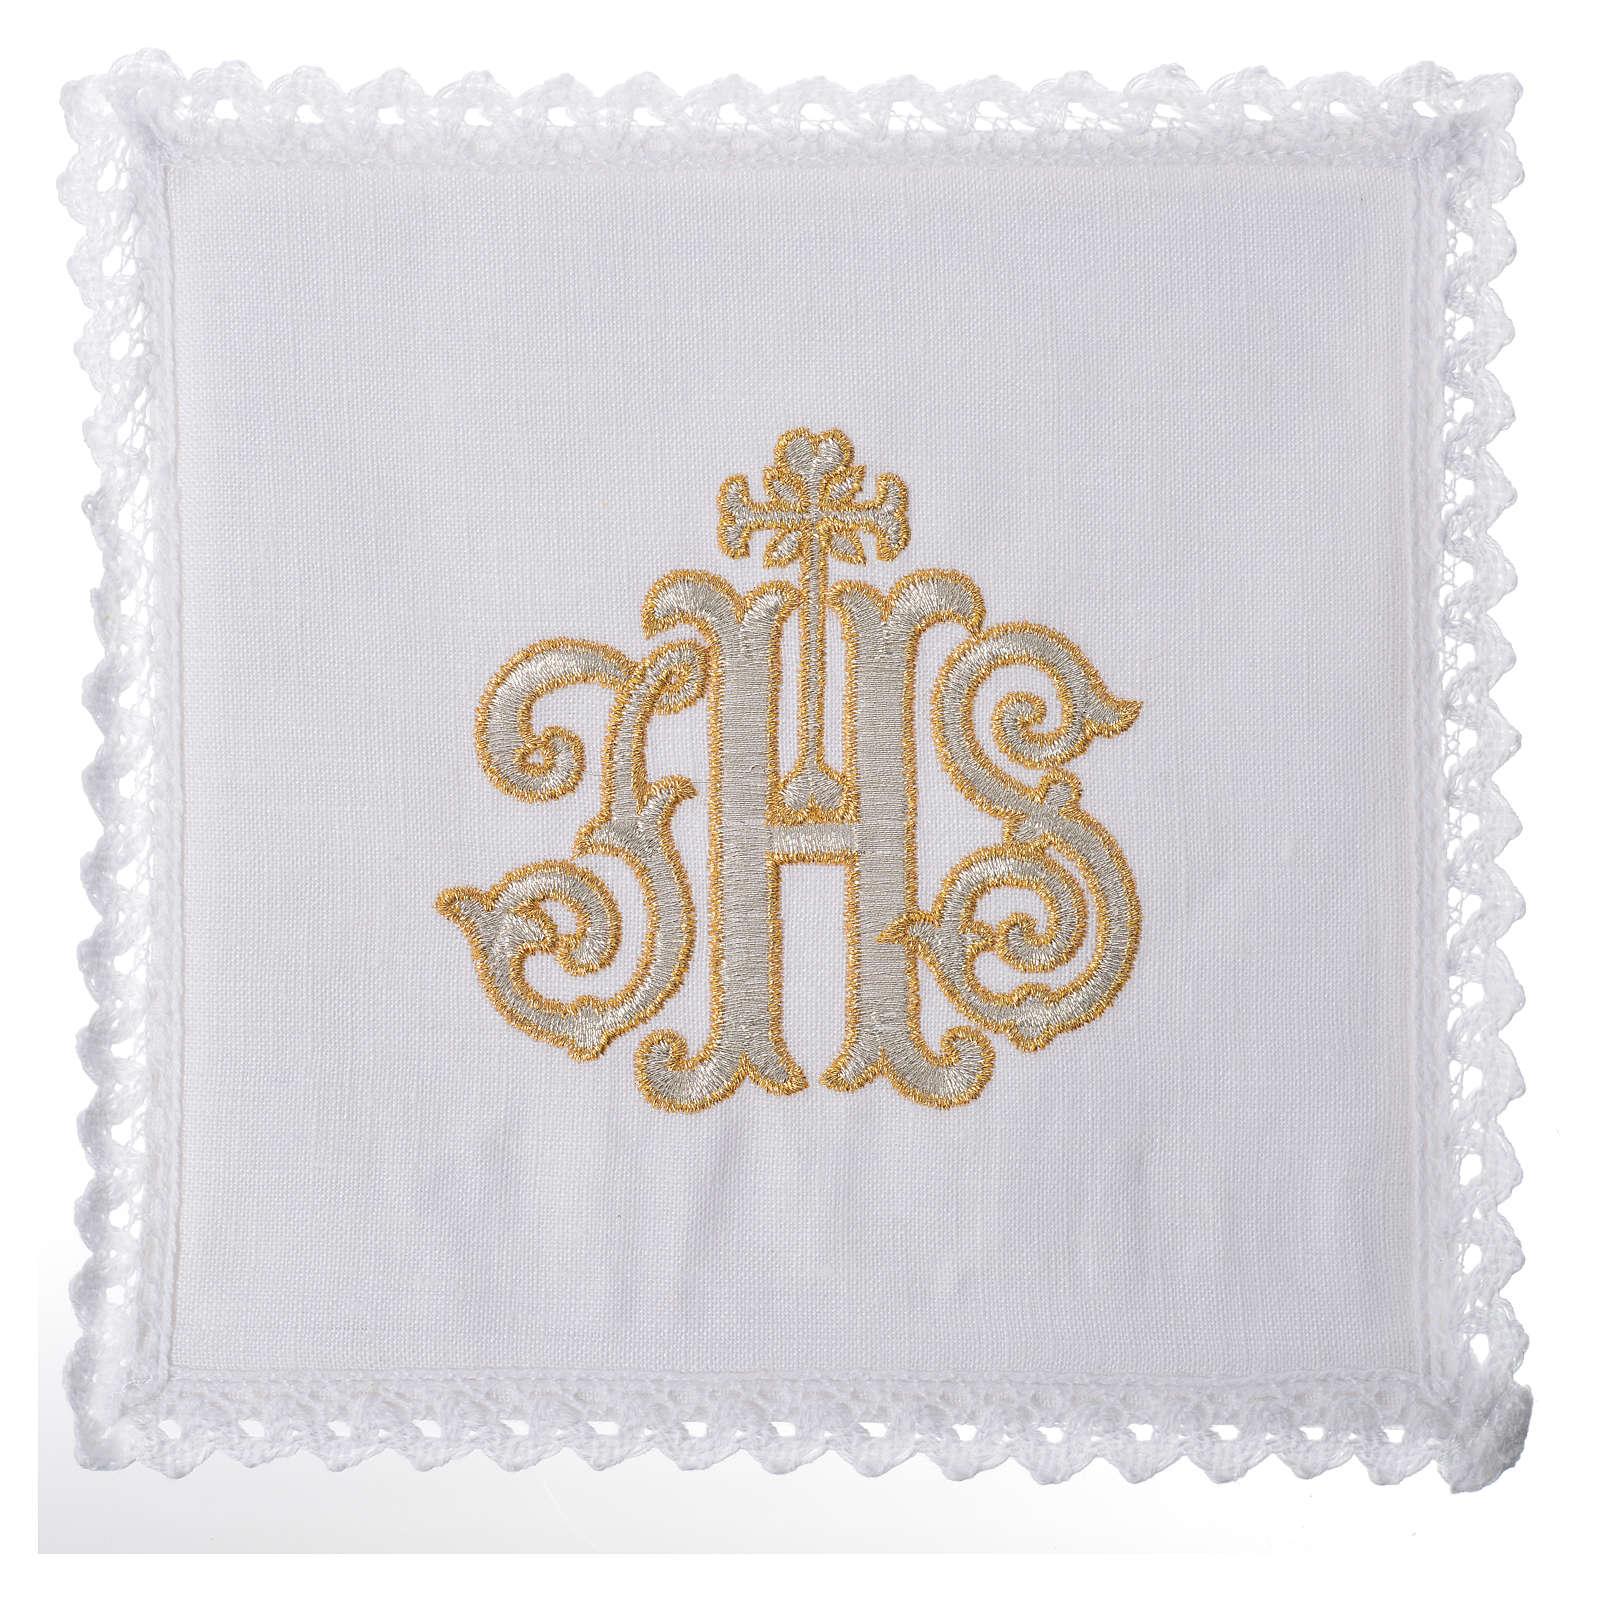 Servizio da altare 100% lino IHS decorato 4